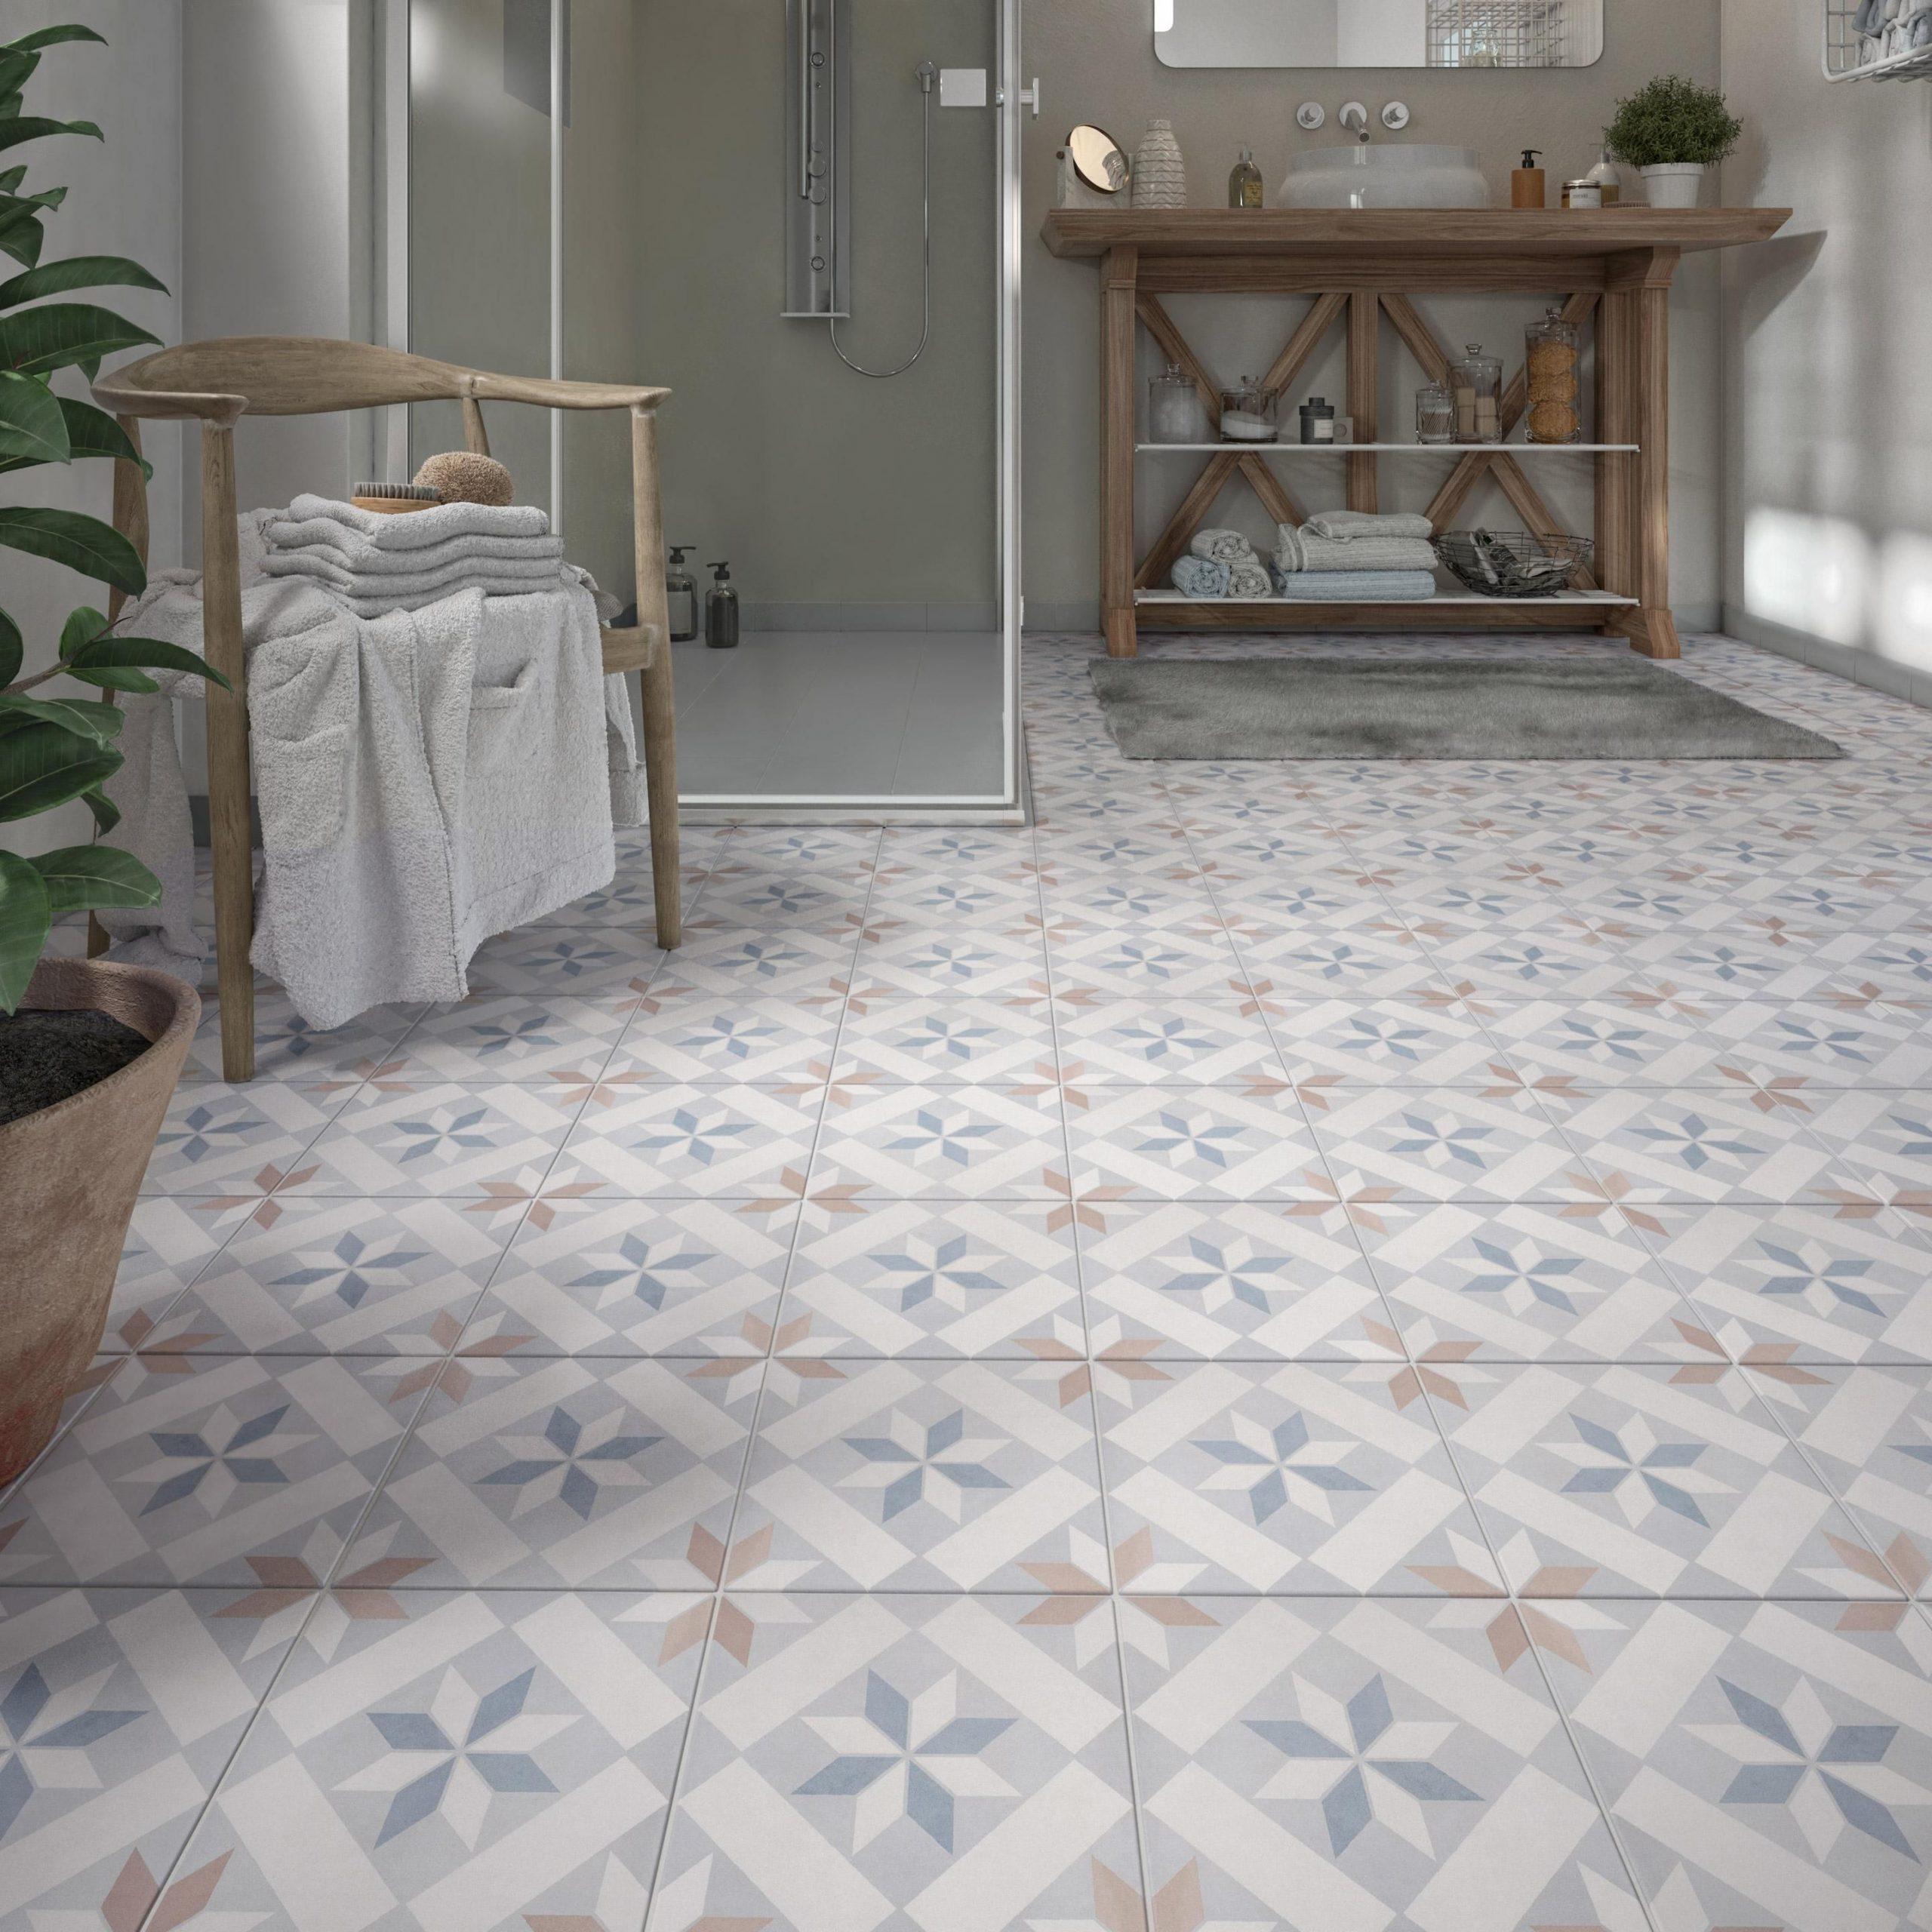 Carrelage Sol, Mur Multicouleur Effet Carreau De Ciment ... encequiconcerne Carrelage Ancien Cuisine 1930